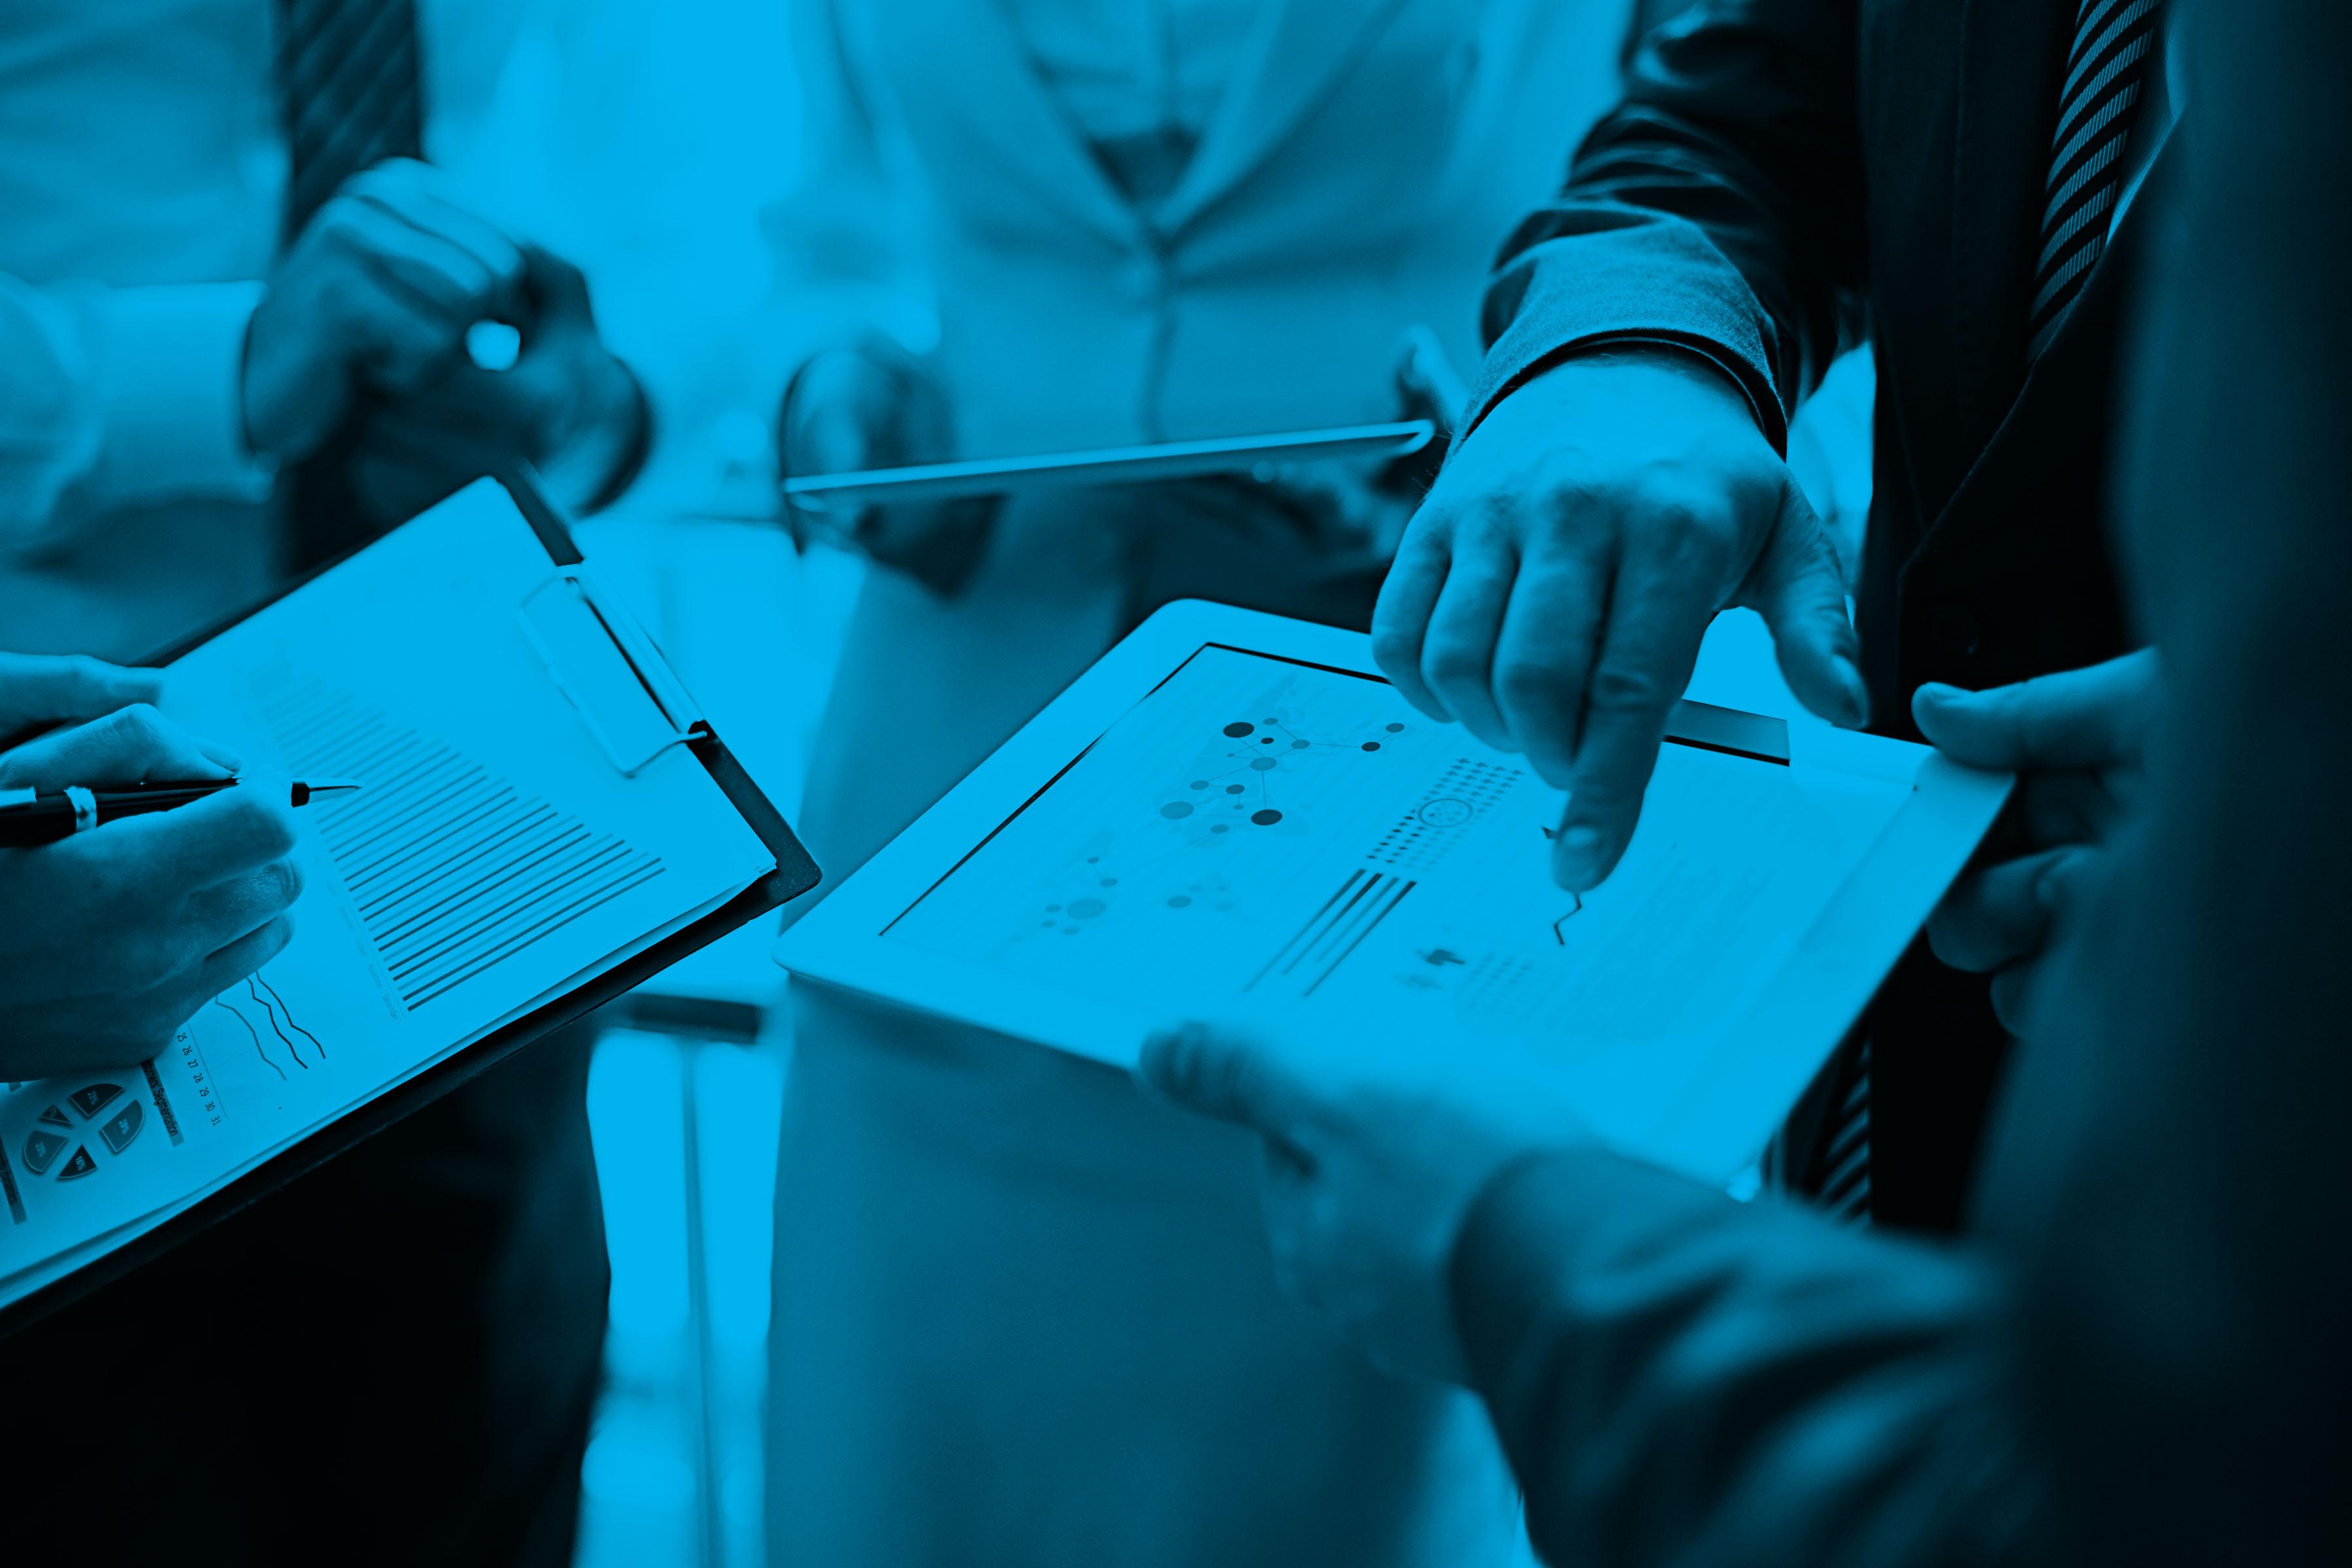 Data_Group_Zoomed_Blue.jpg